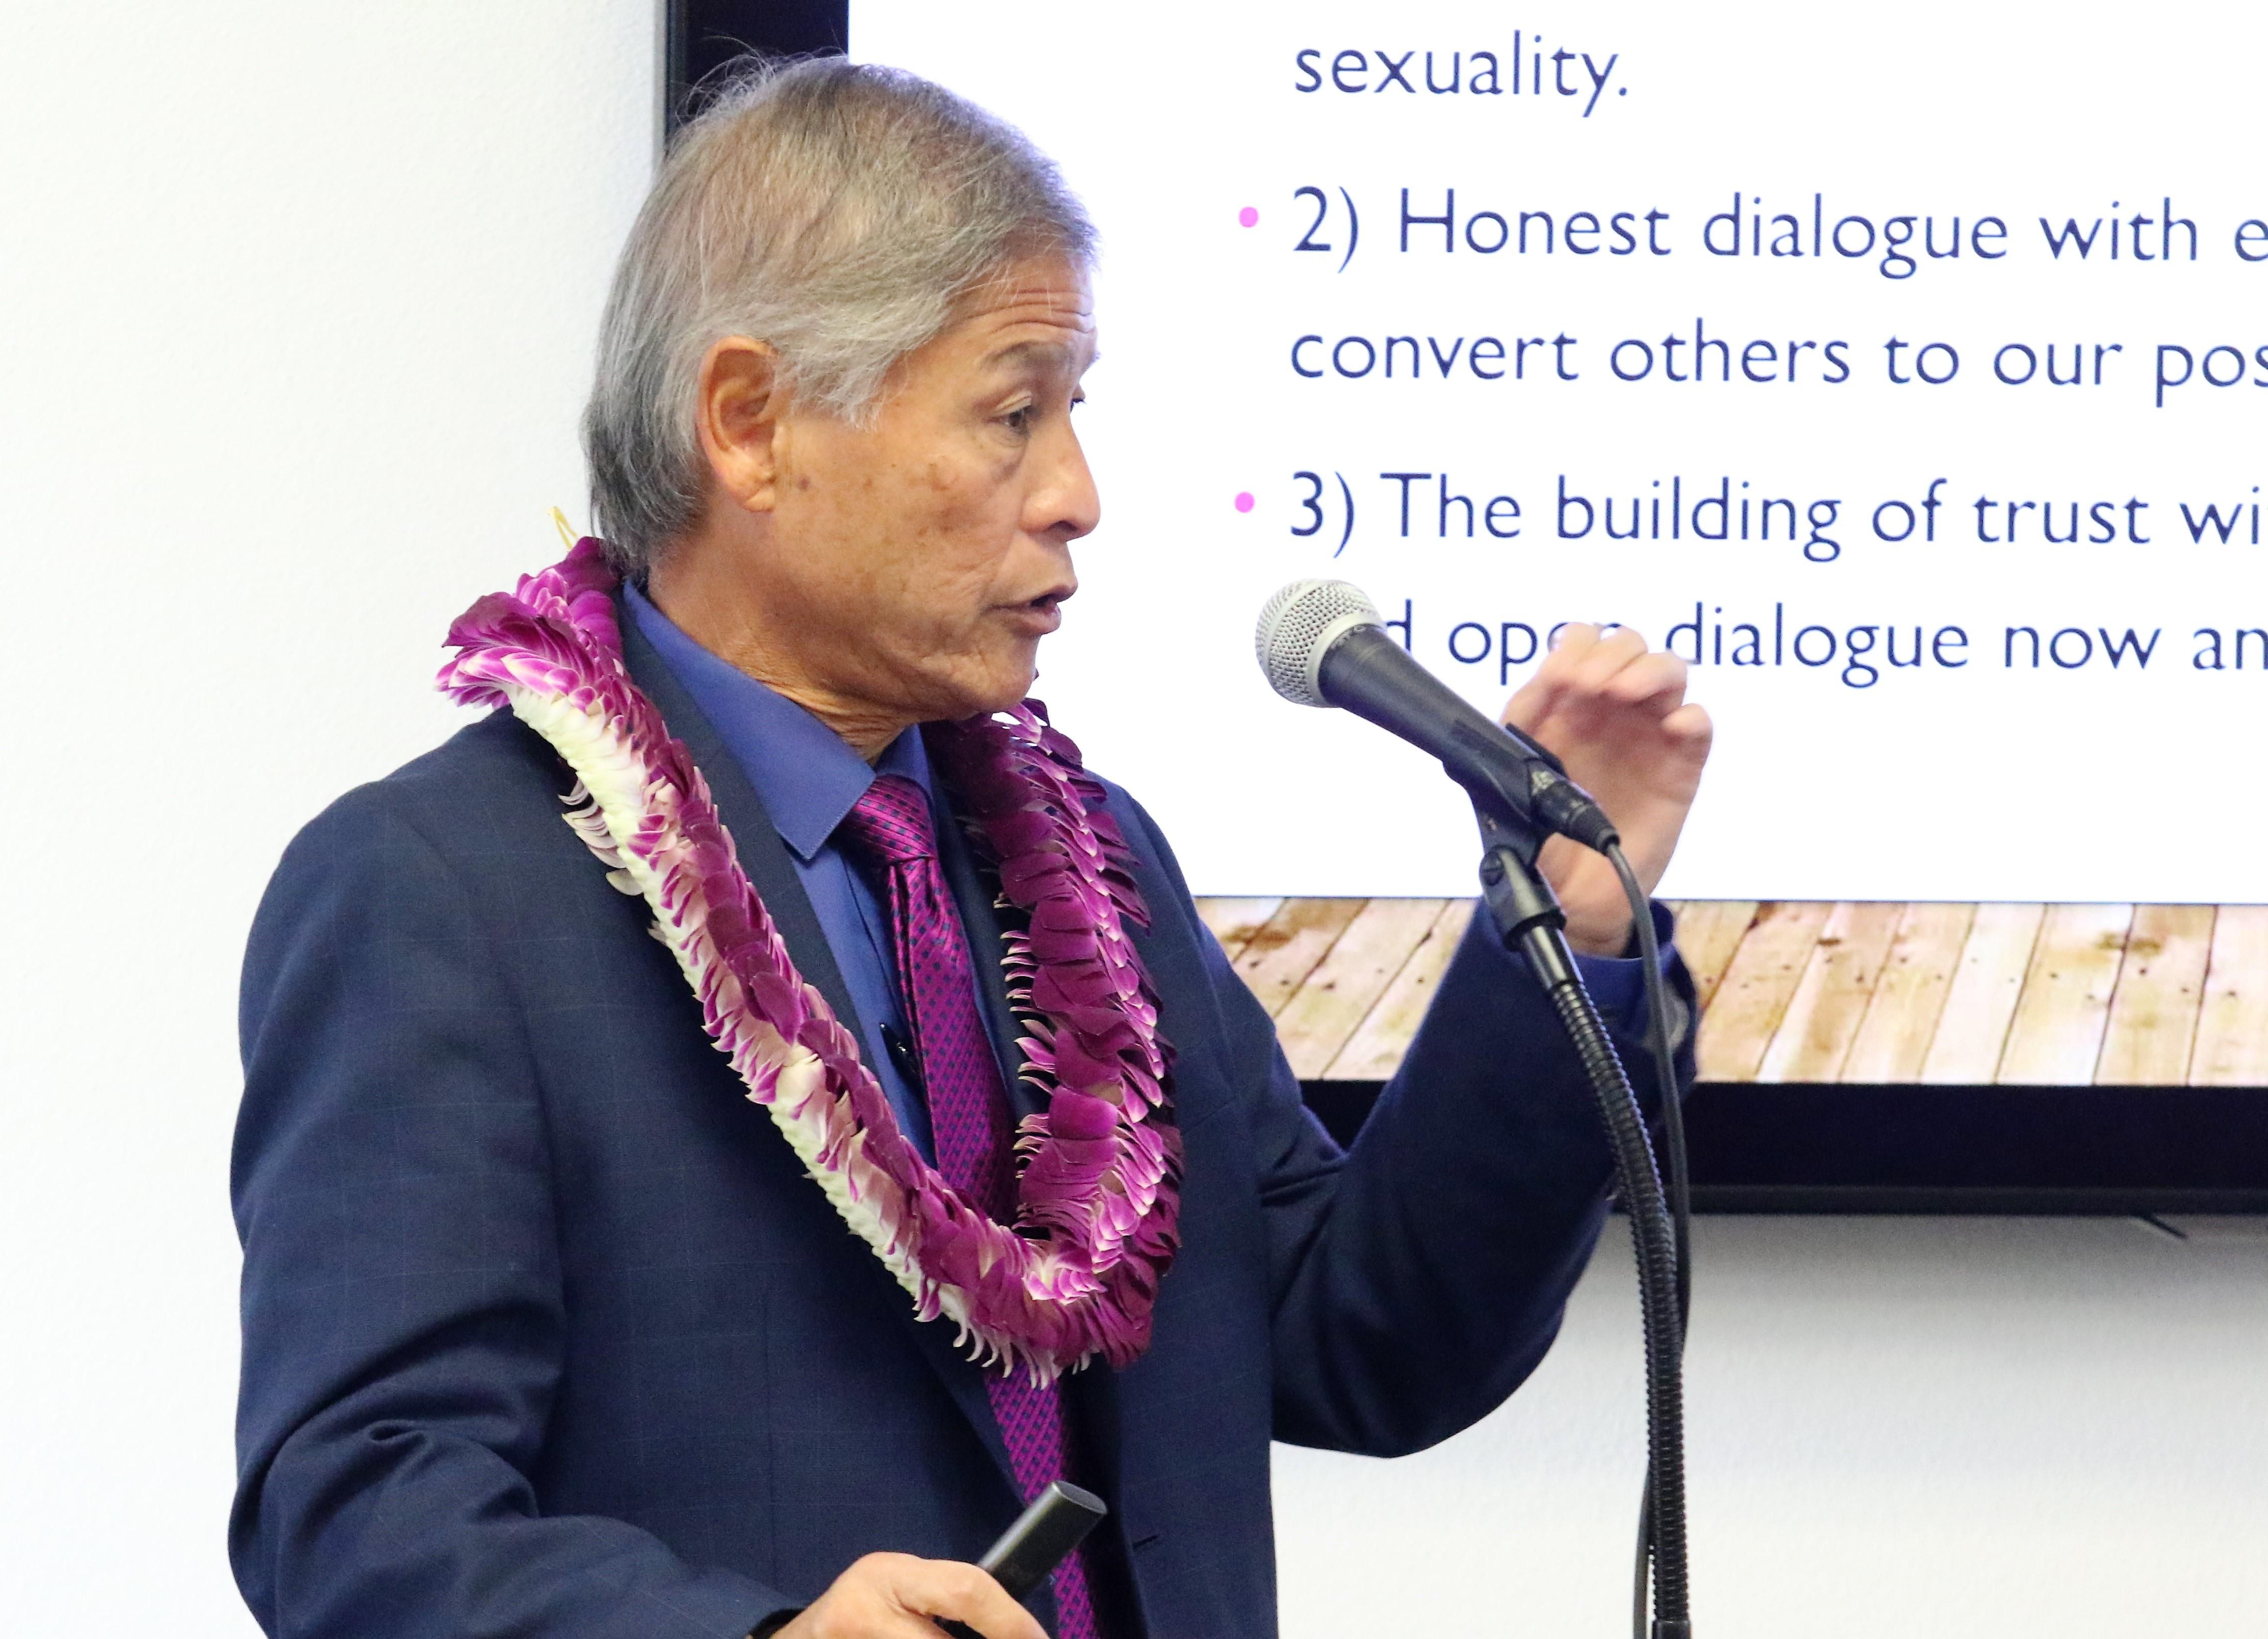 칼팩 연회의 그랜트 하기야 감독이 지난 12월 10-11일 캘리포니아주에 있는 클레어몬트 신학대학원에서 열린 태평양제도계 연합감리교인들의 모임에서 2019년 2월에 열릴 특별 총회에 제출된 세 가지 플랜에 대한 설명을 하고 있다. 사진 김응선 목사, UMNS.